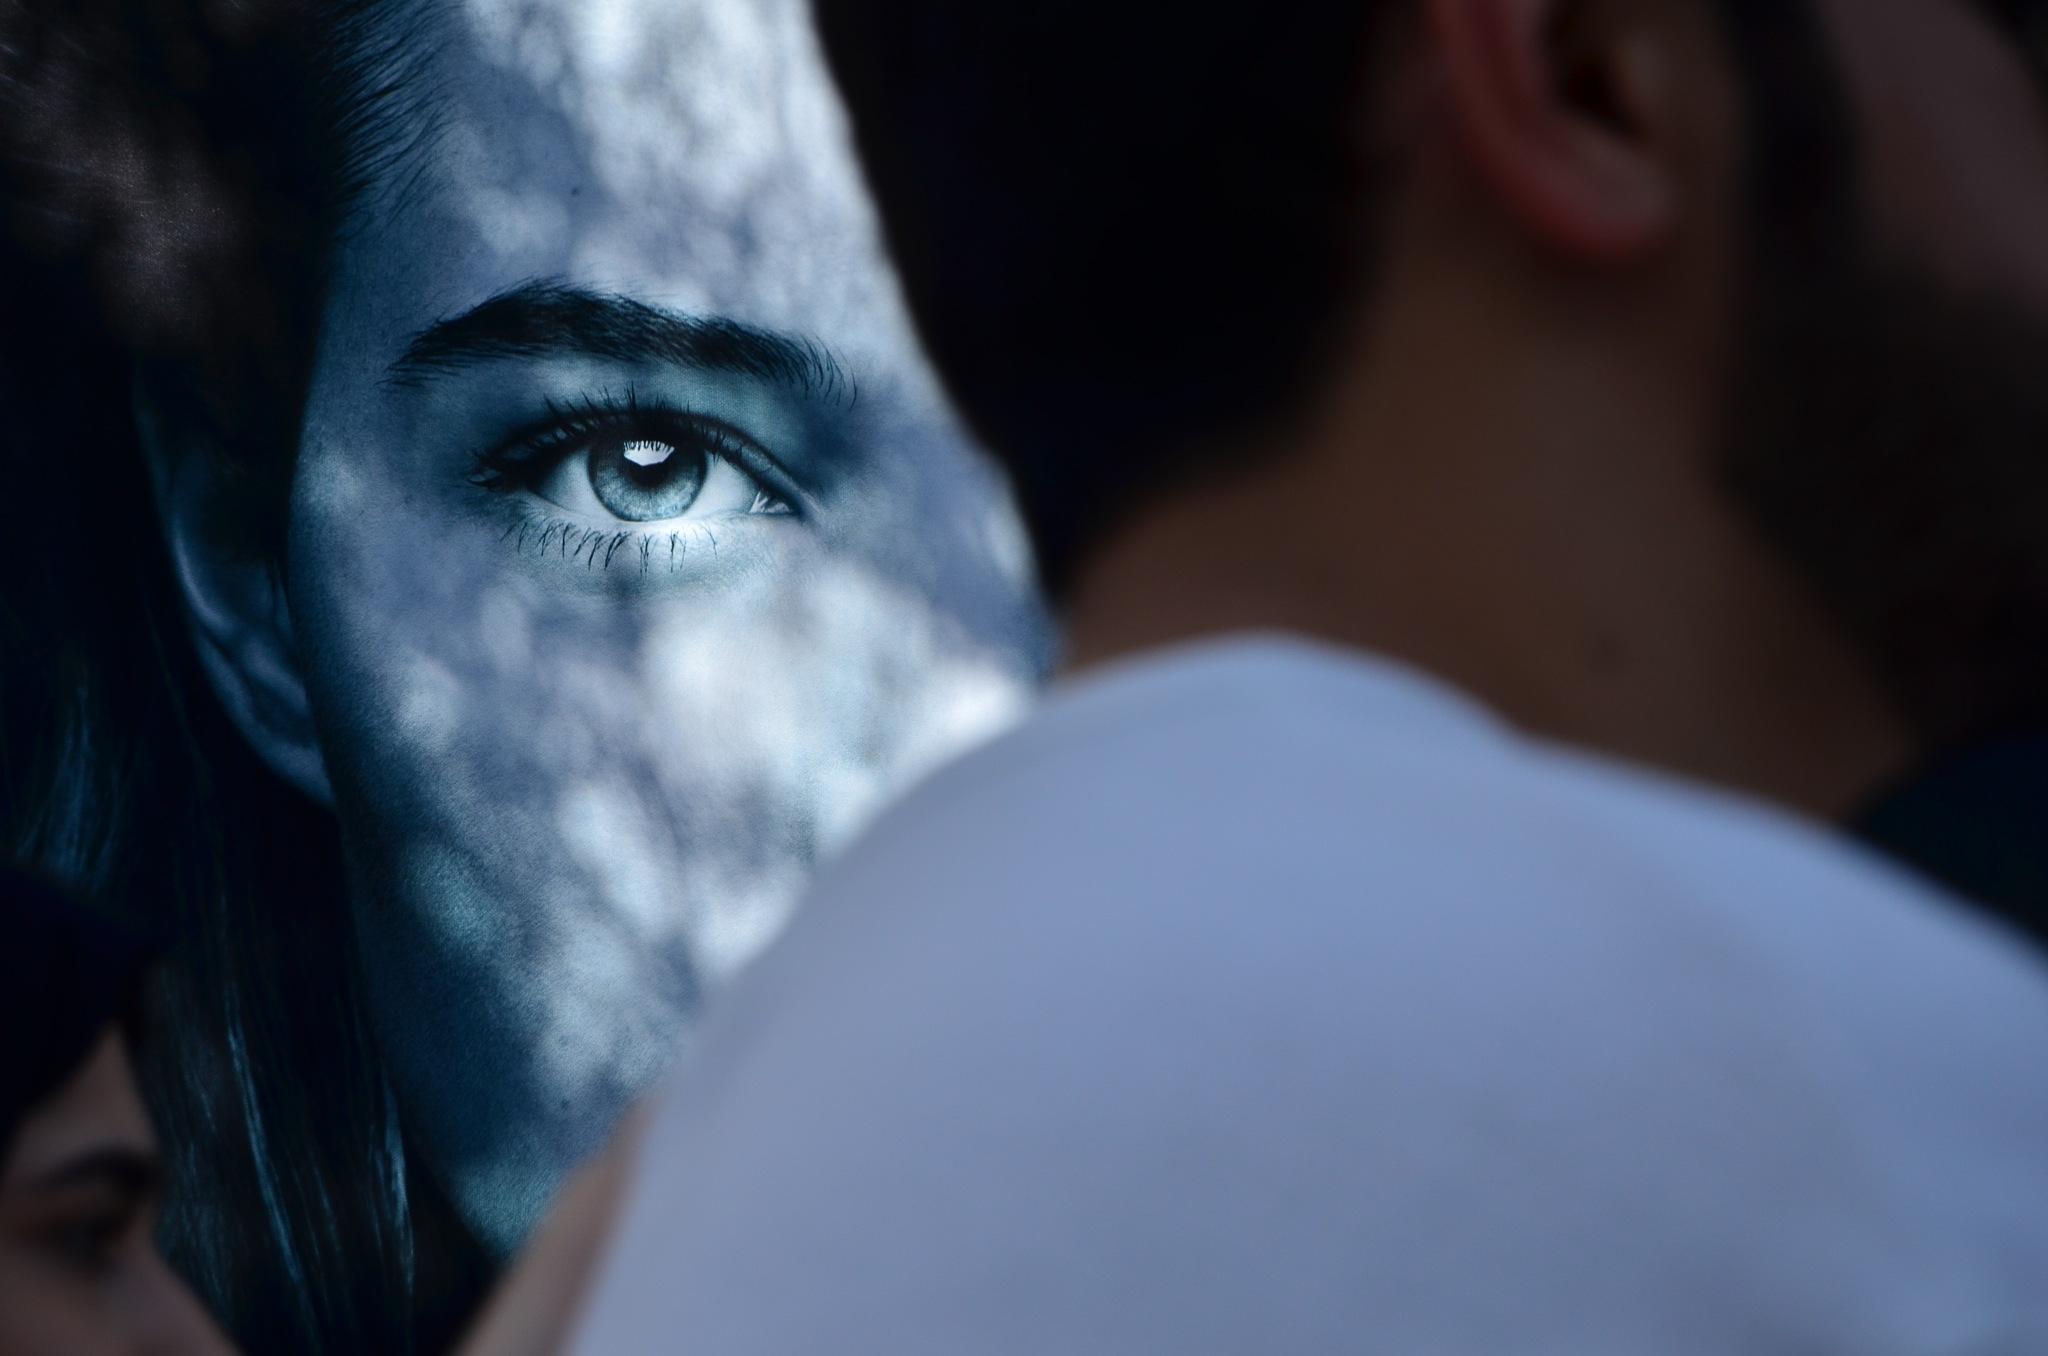 Bakış by Demet Alper